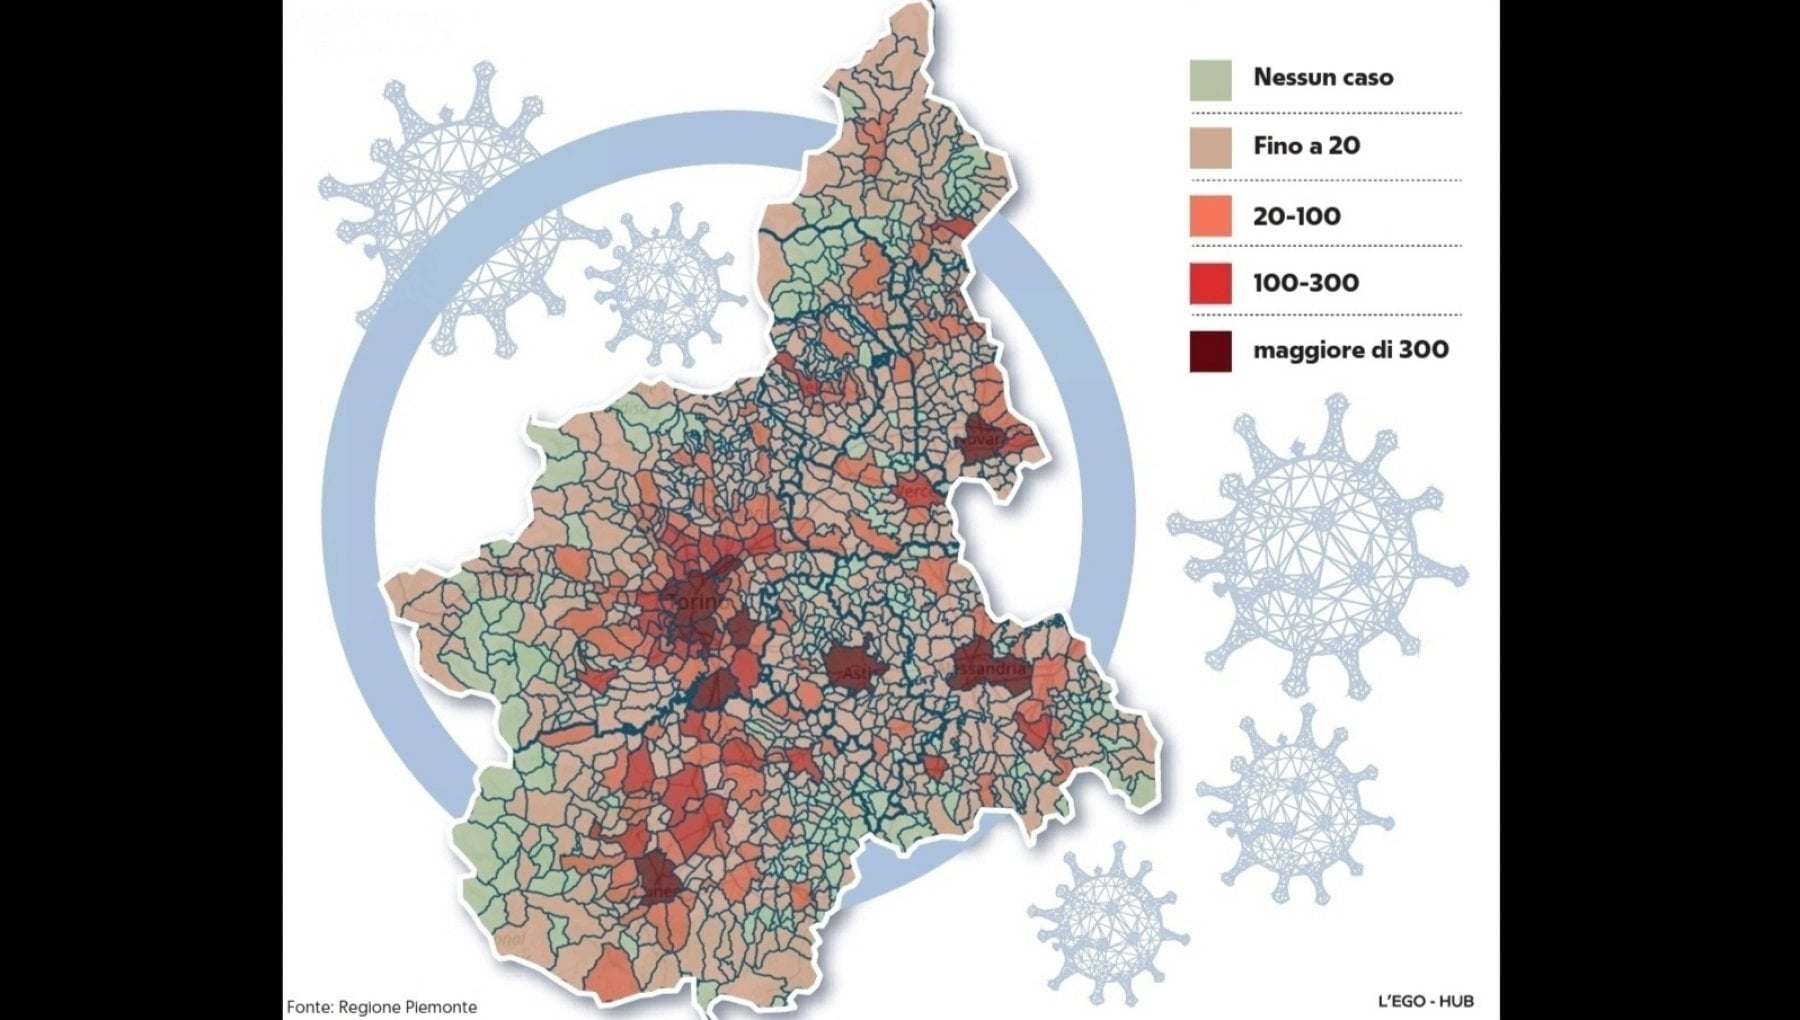 Cartina Piemonte Torino.La Mappa Dei Contagi In Piemonte Meno Di 200 I Paesi Immuni Al Virus La Repubblica